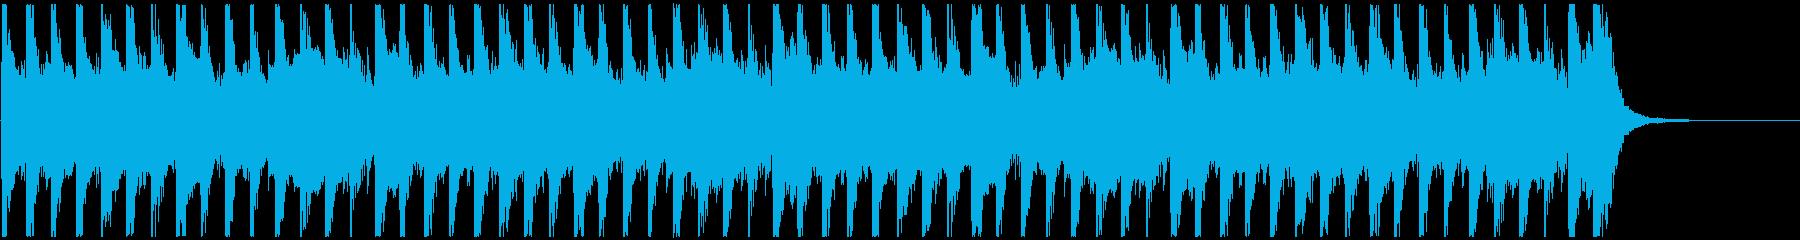 コーポレートに!洋楽・明るい・嬉しいSの再生済みの波形